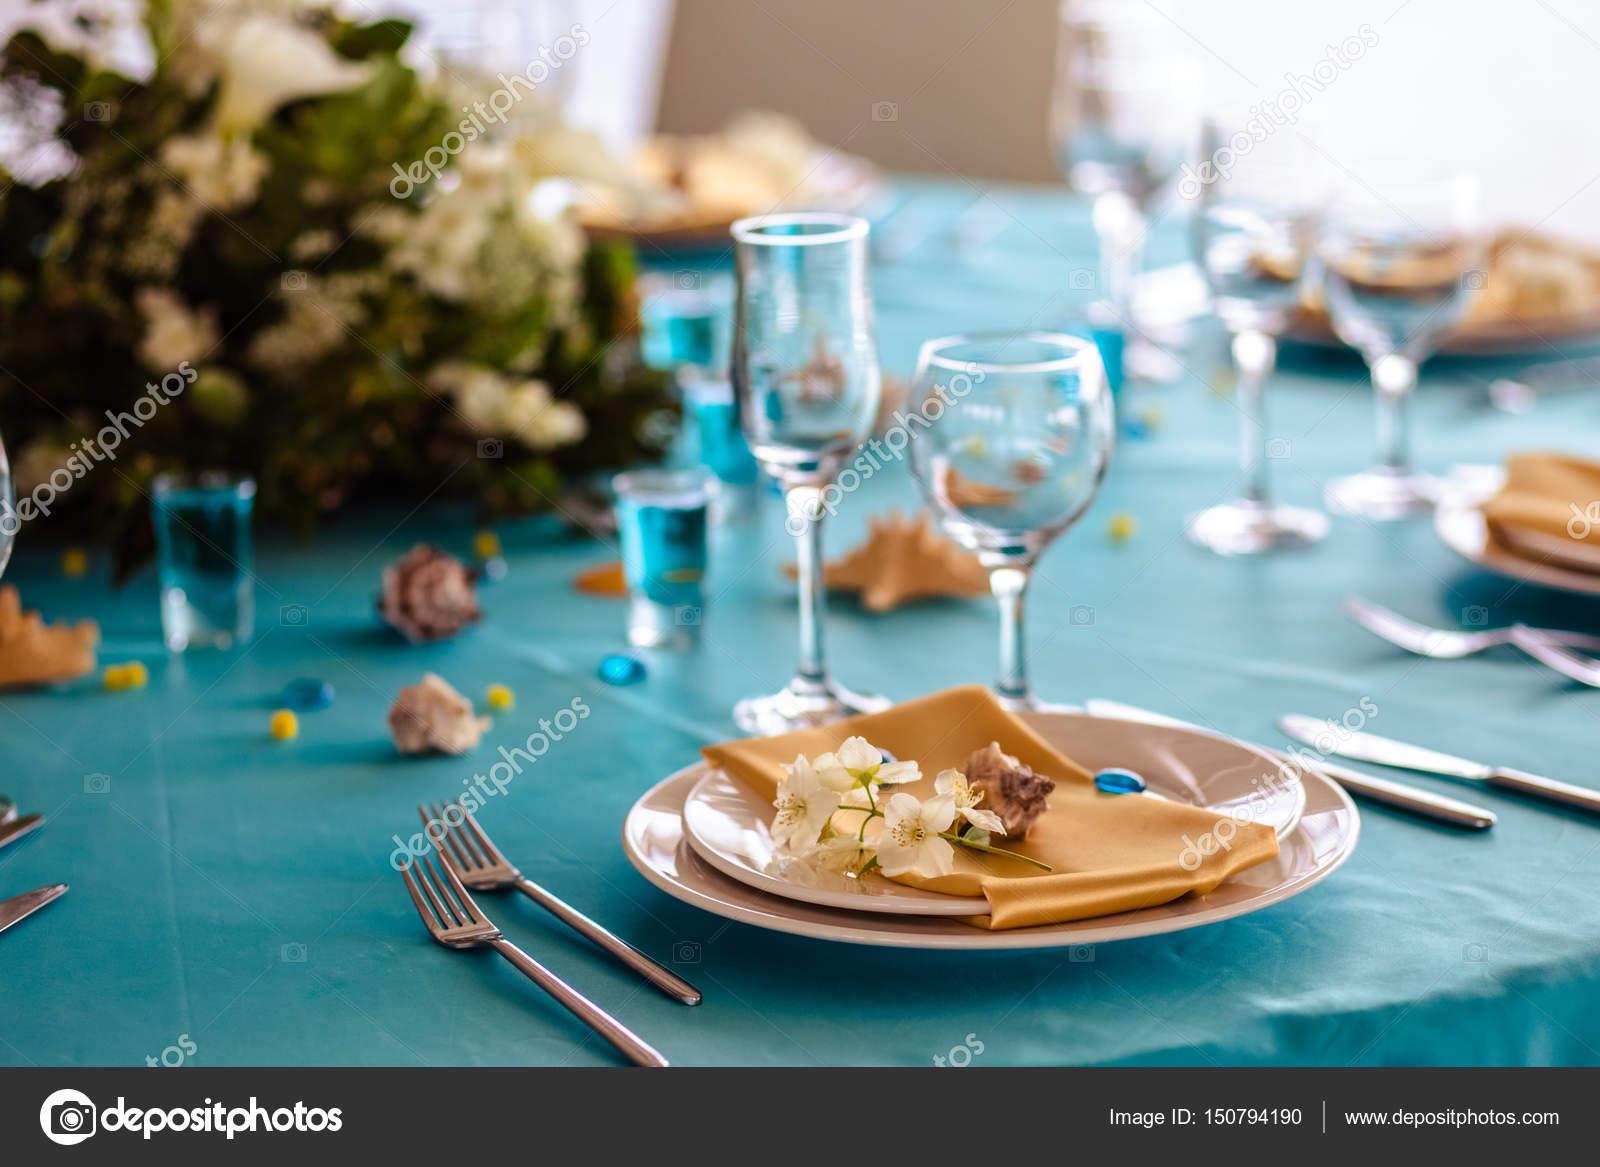 Hochzeit Dekoration In Blauer Farbe Meer Thema Stil Stockfoto